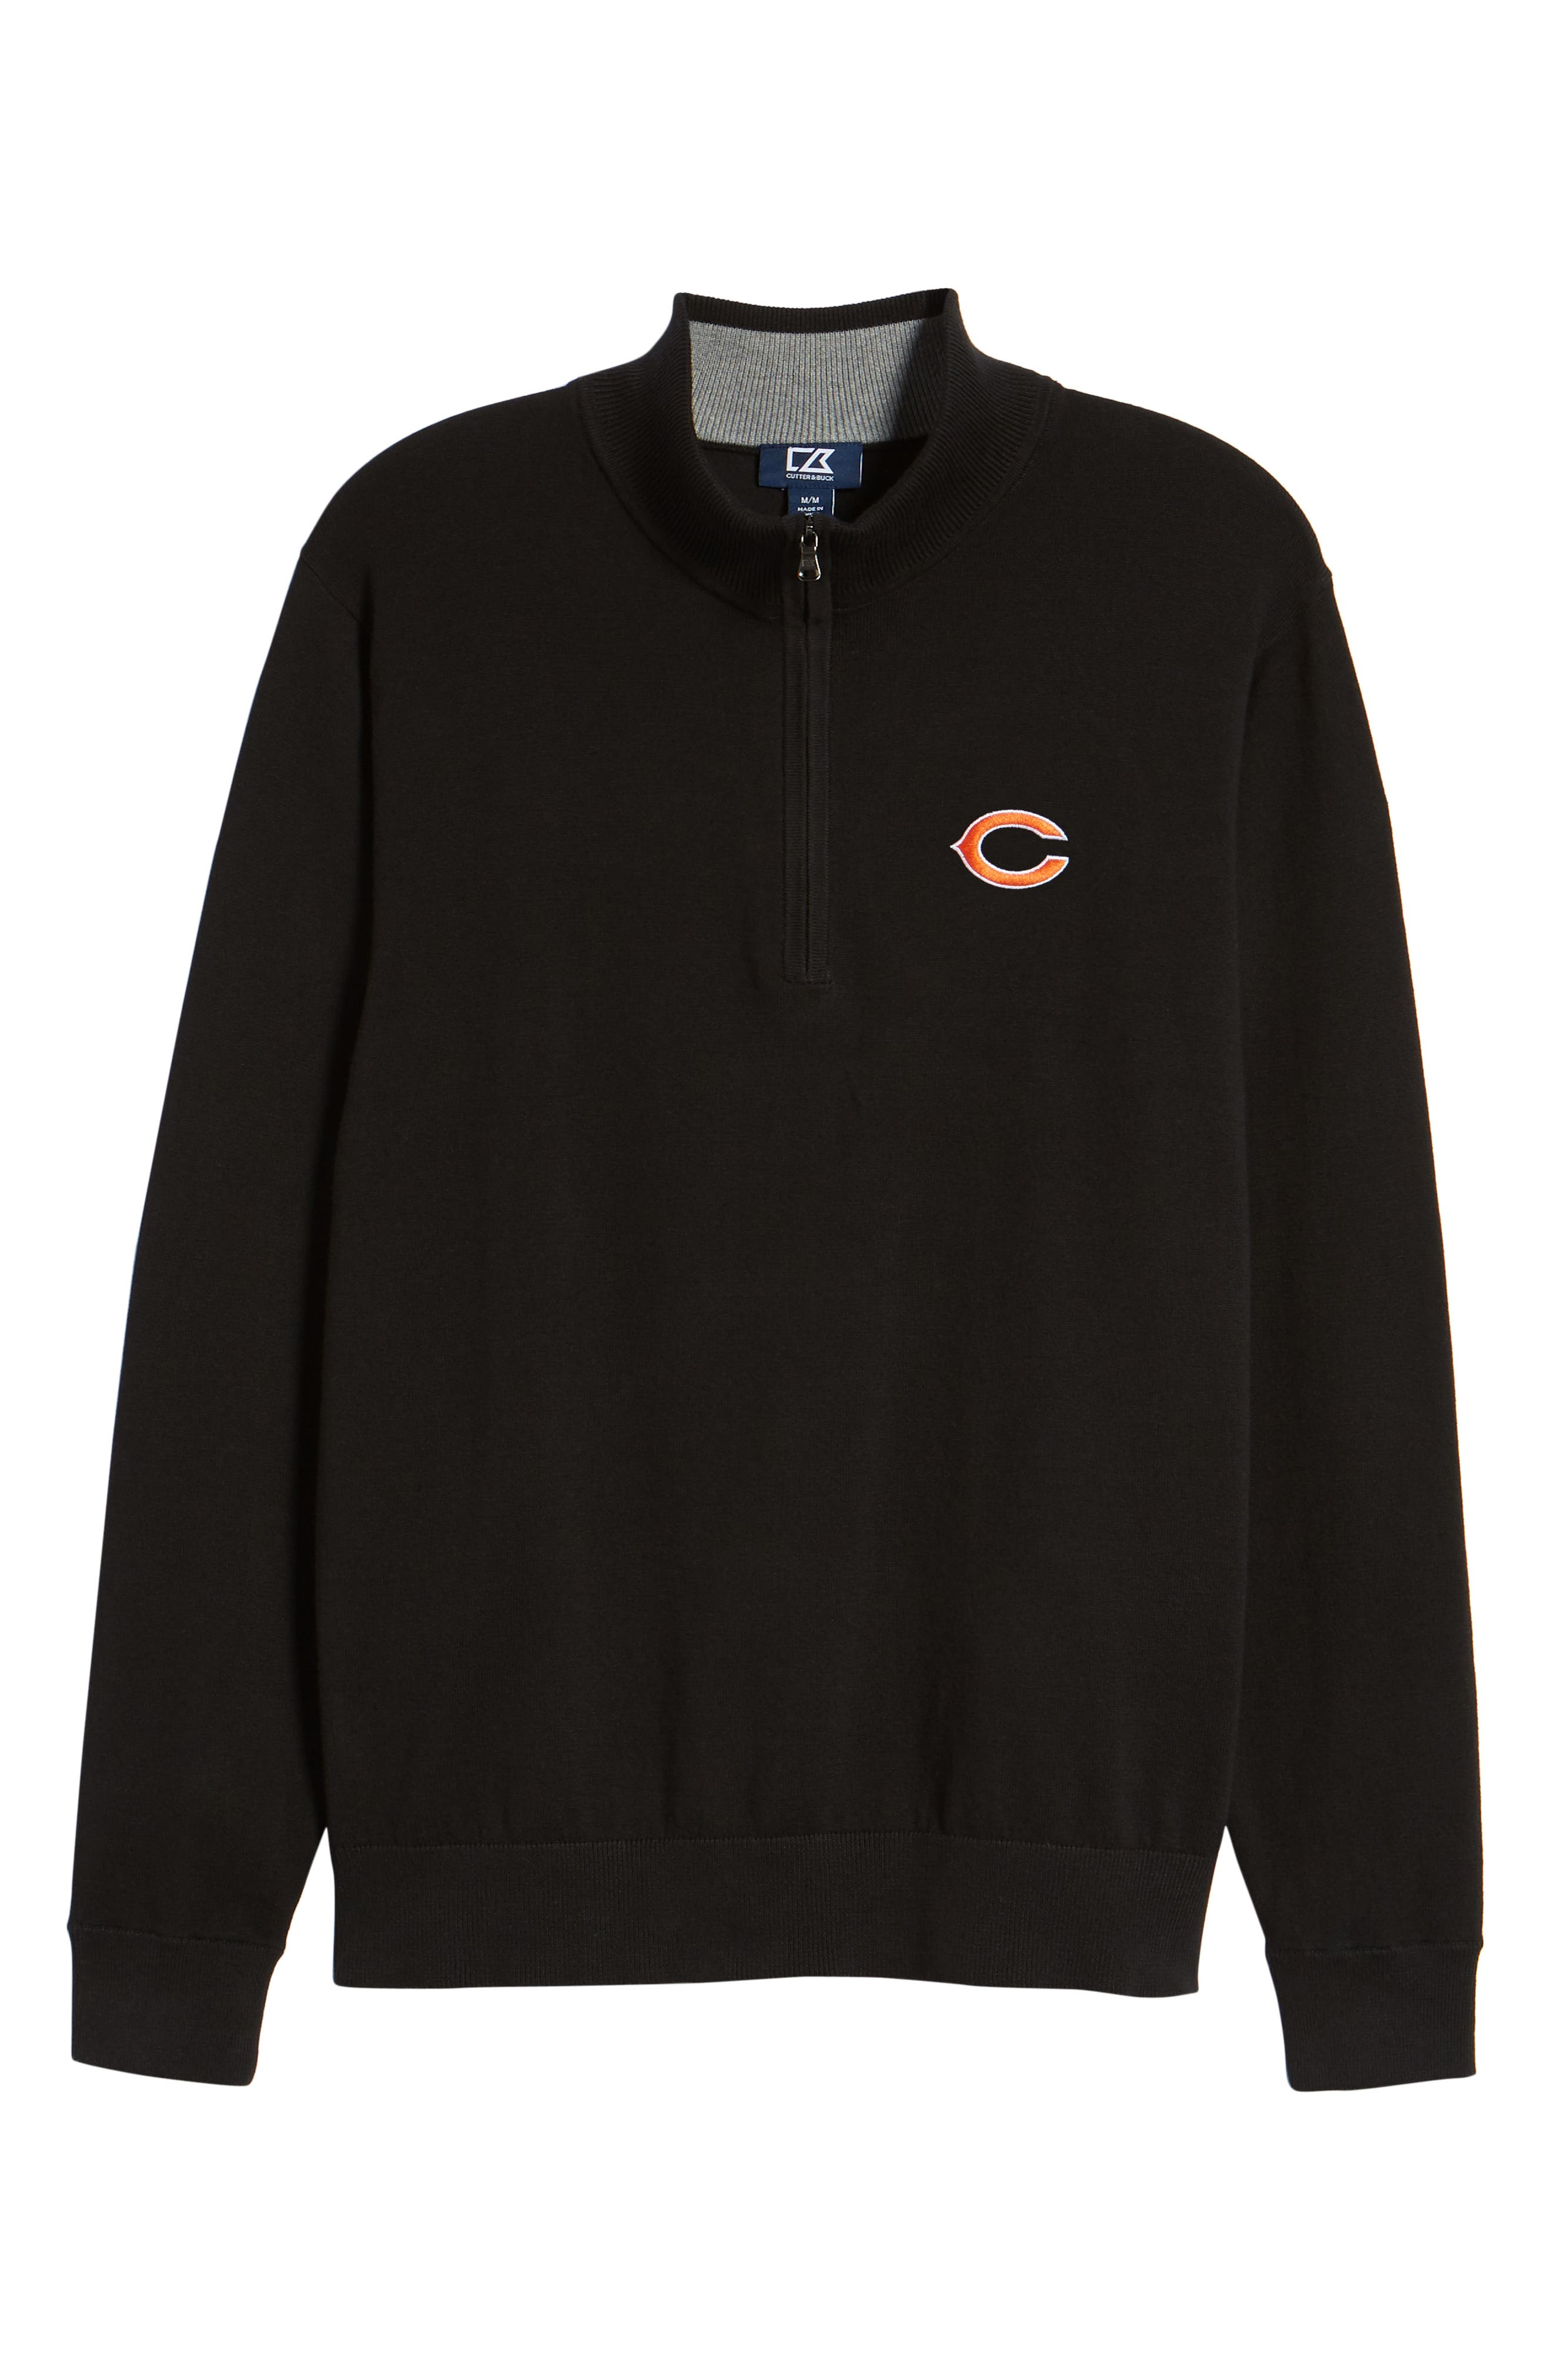 Chicago Bears - Lakemont Regular Fit Quarter Zip Sweater,                             Alternate thumbnail 6, color,                             BLACK